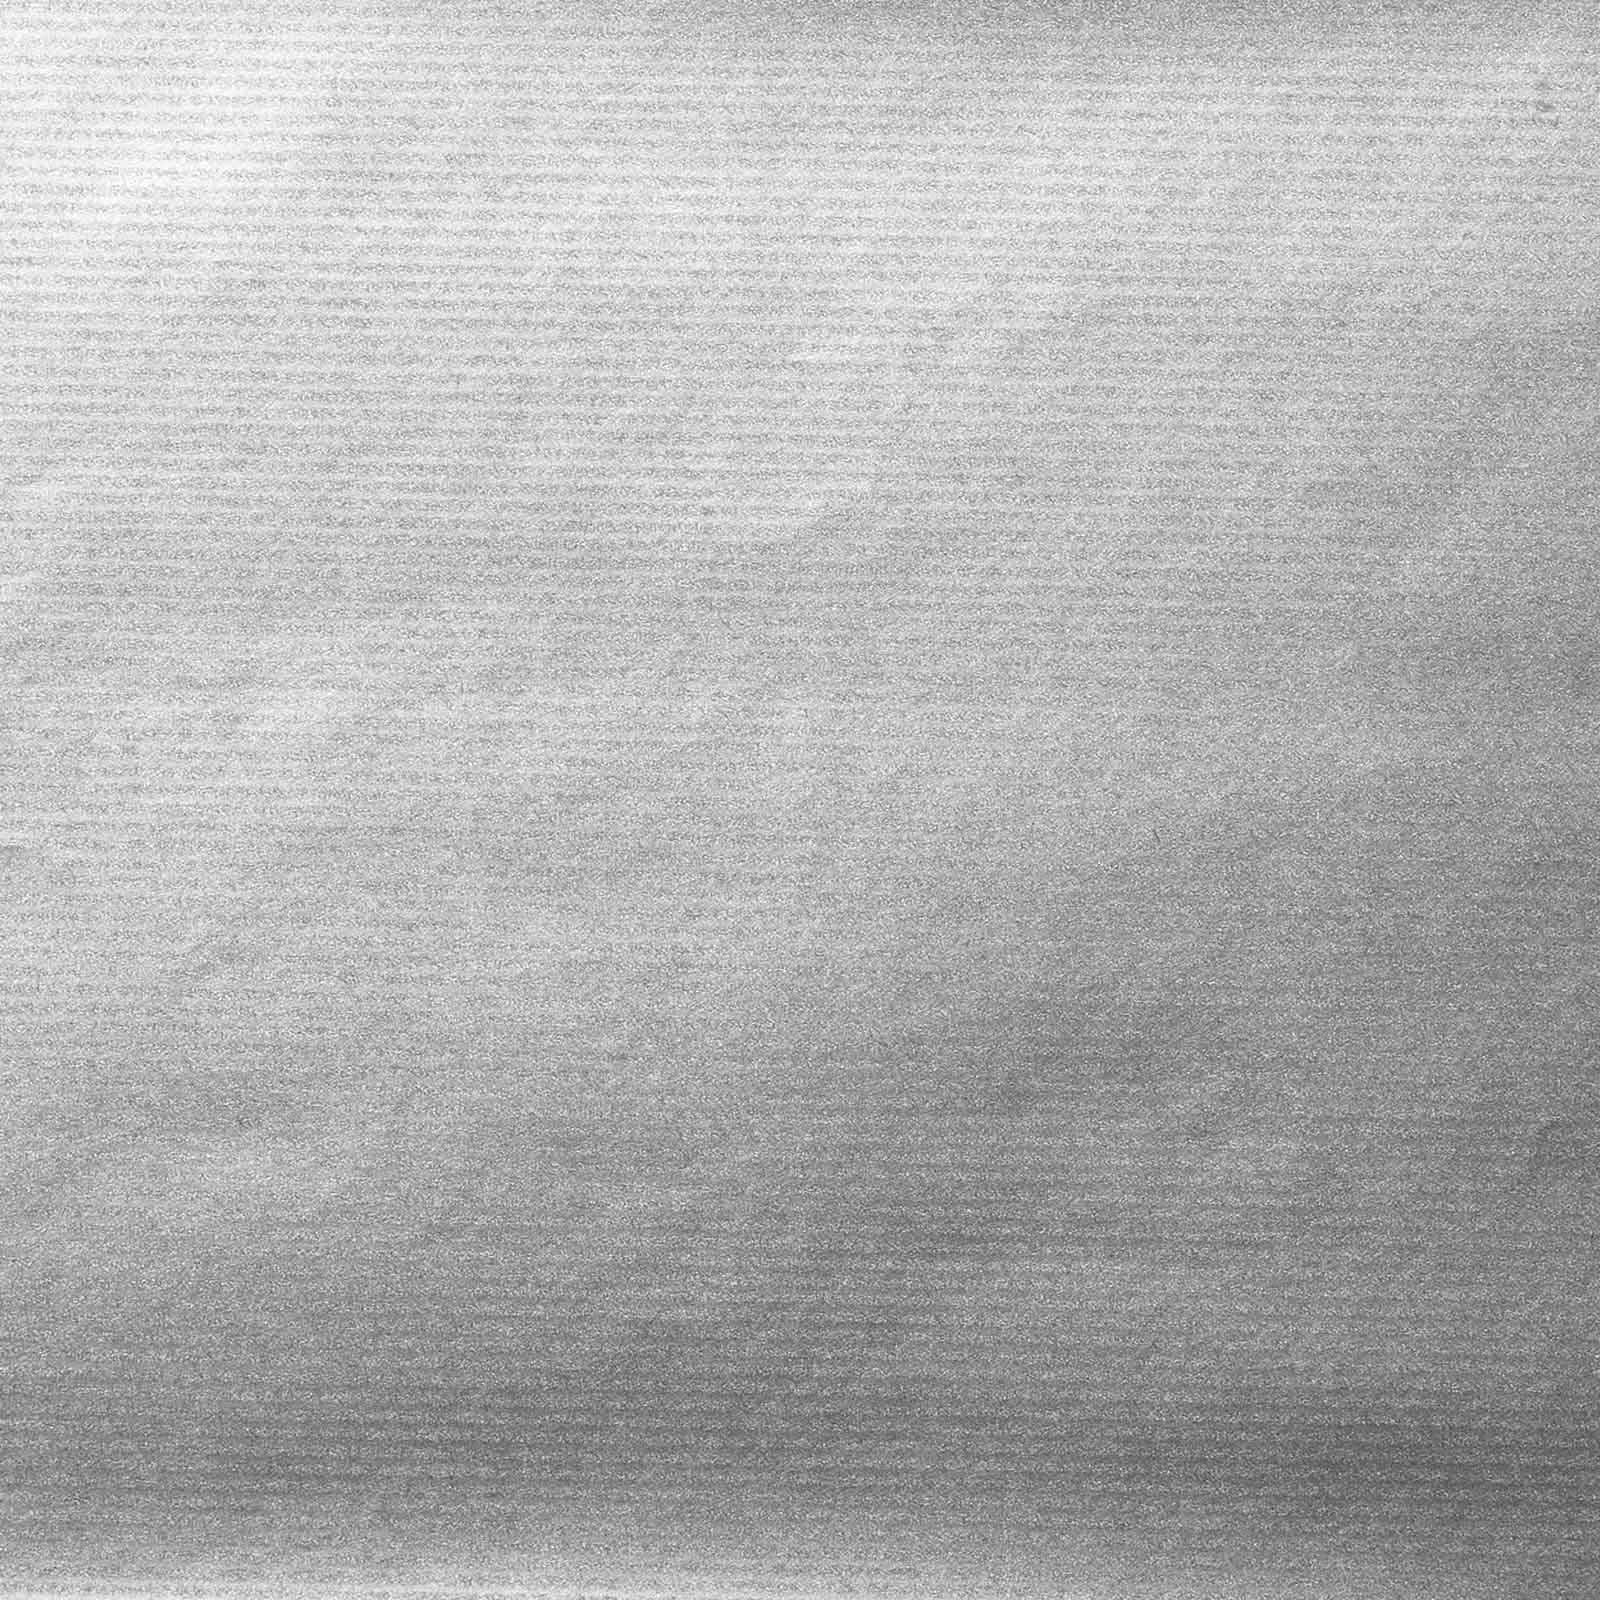 Geschenkpapier silber kraftpapier gerippt for Restposten dekoartikel